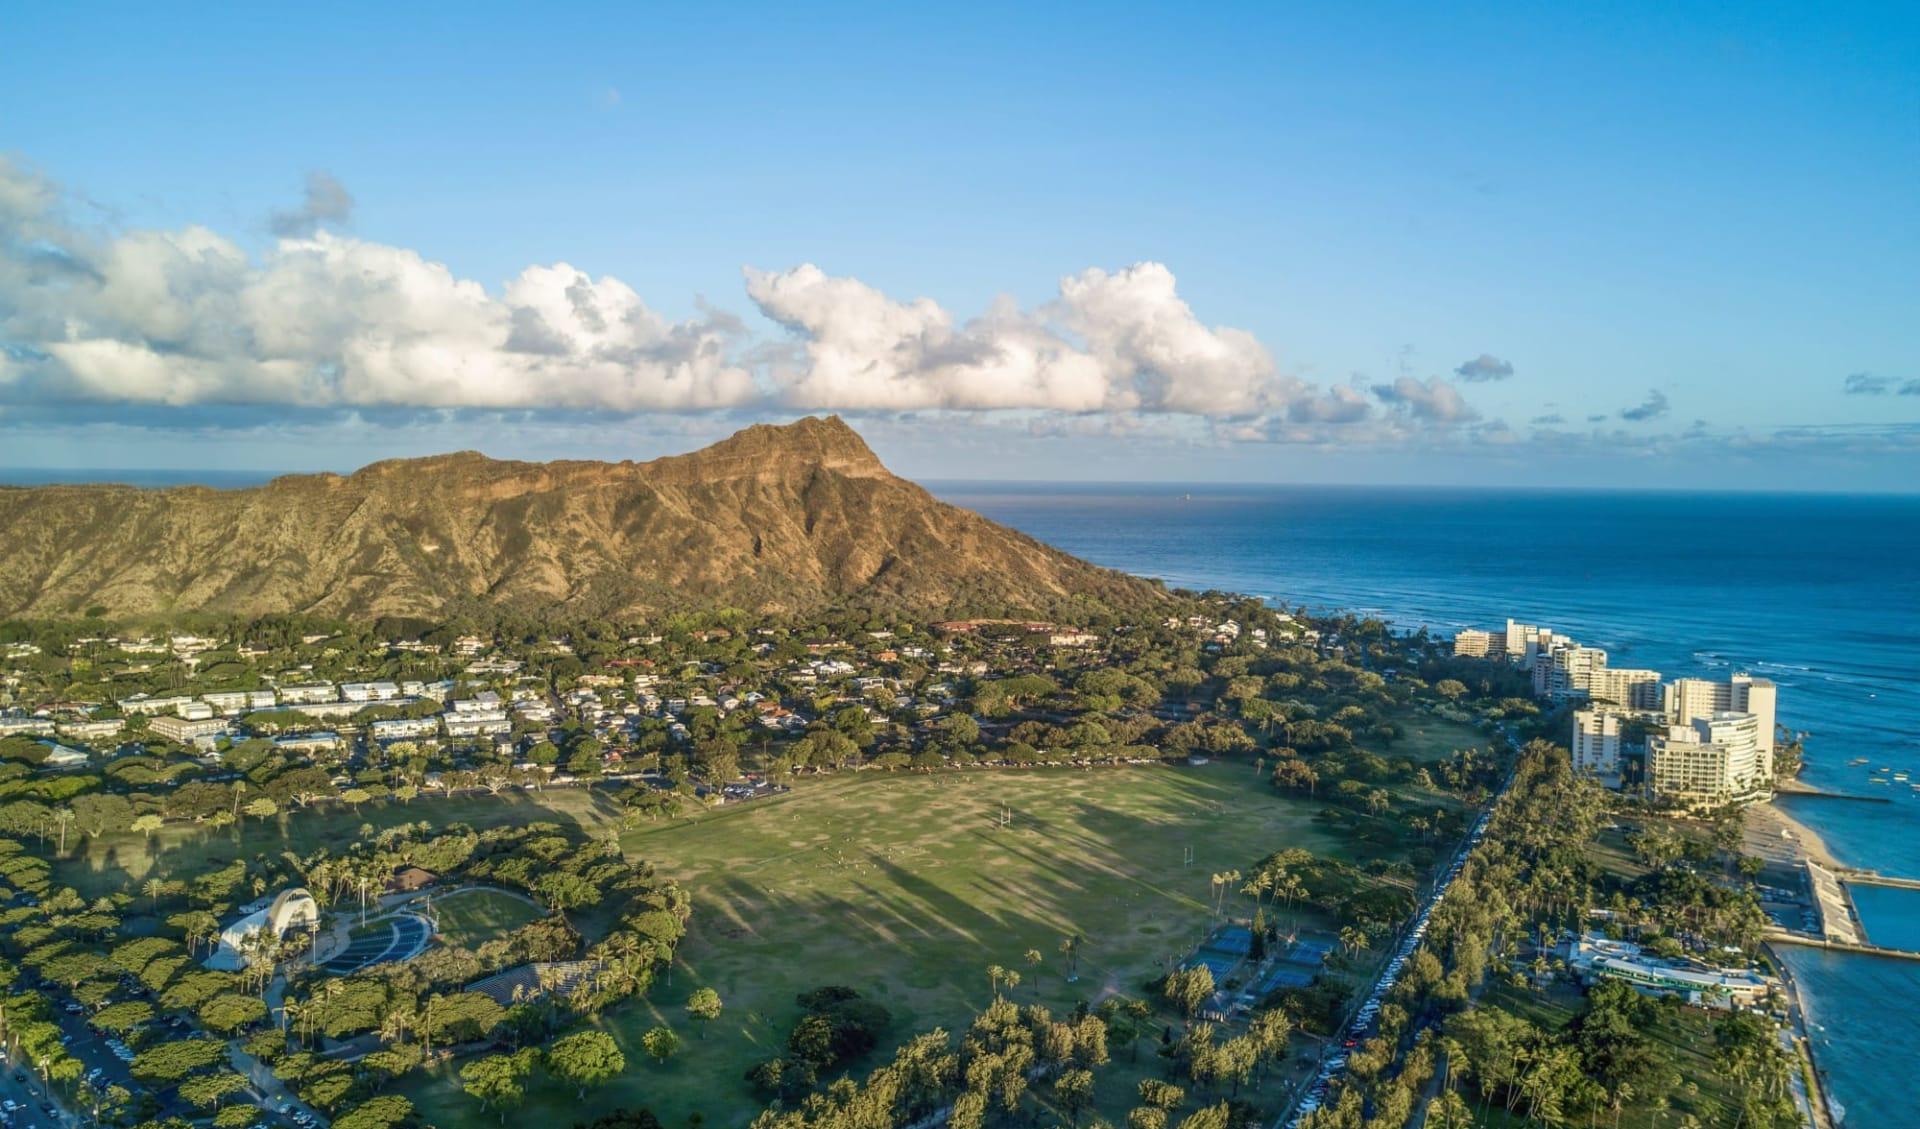 Hyatt Regency Waikiki Beach Resort & Spa in Honolulu - Oahu: shutterstock_1550899859_oahu2